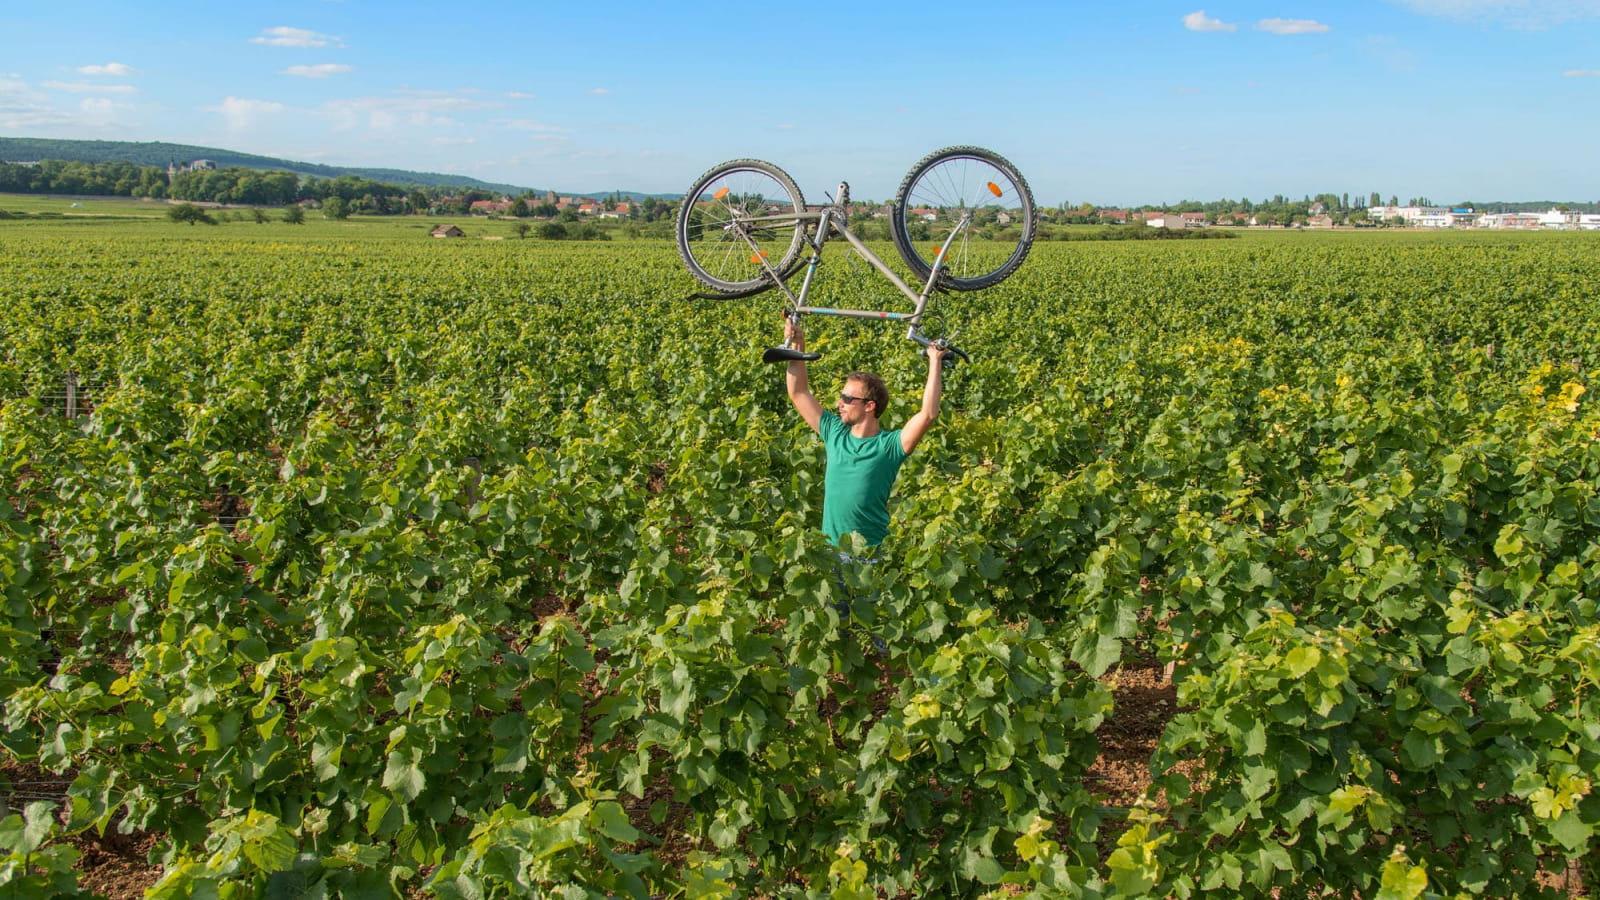 Cycliste dans les vignes